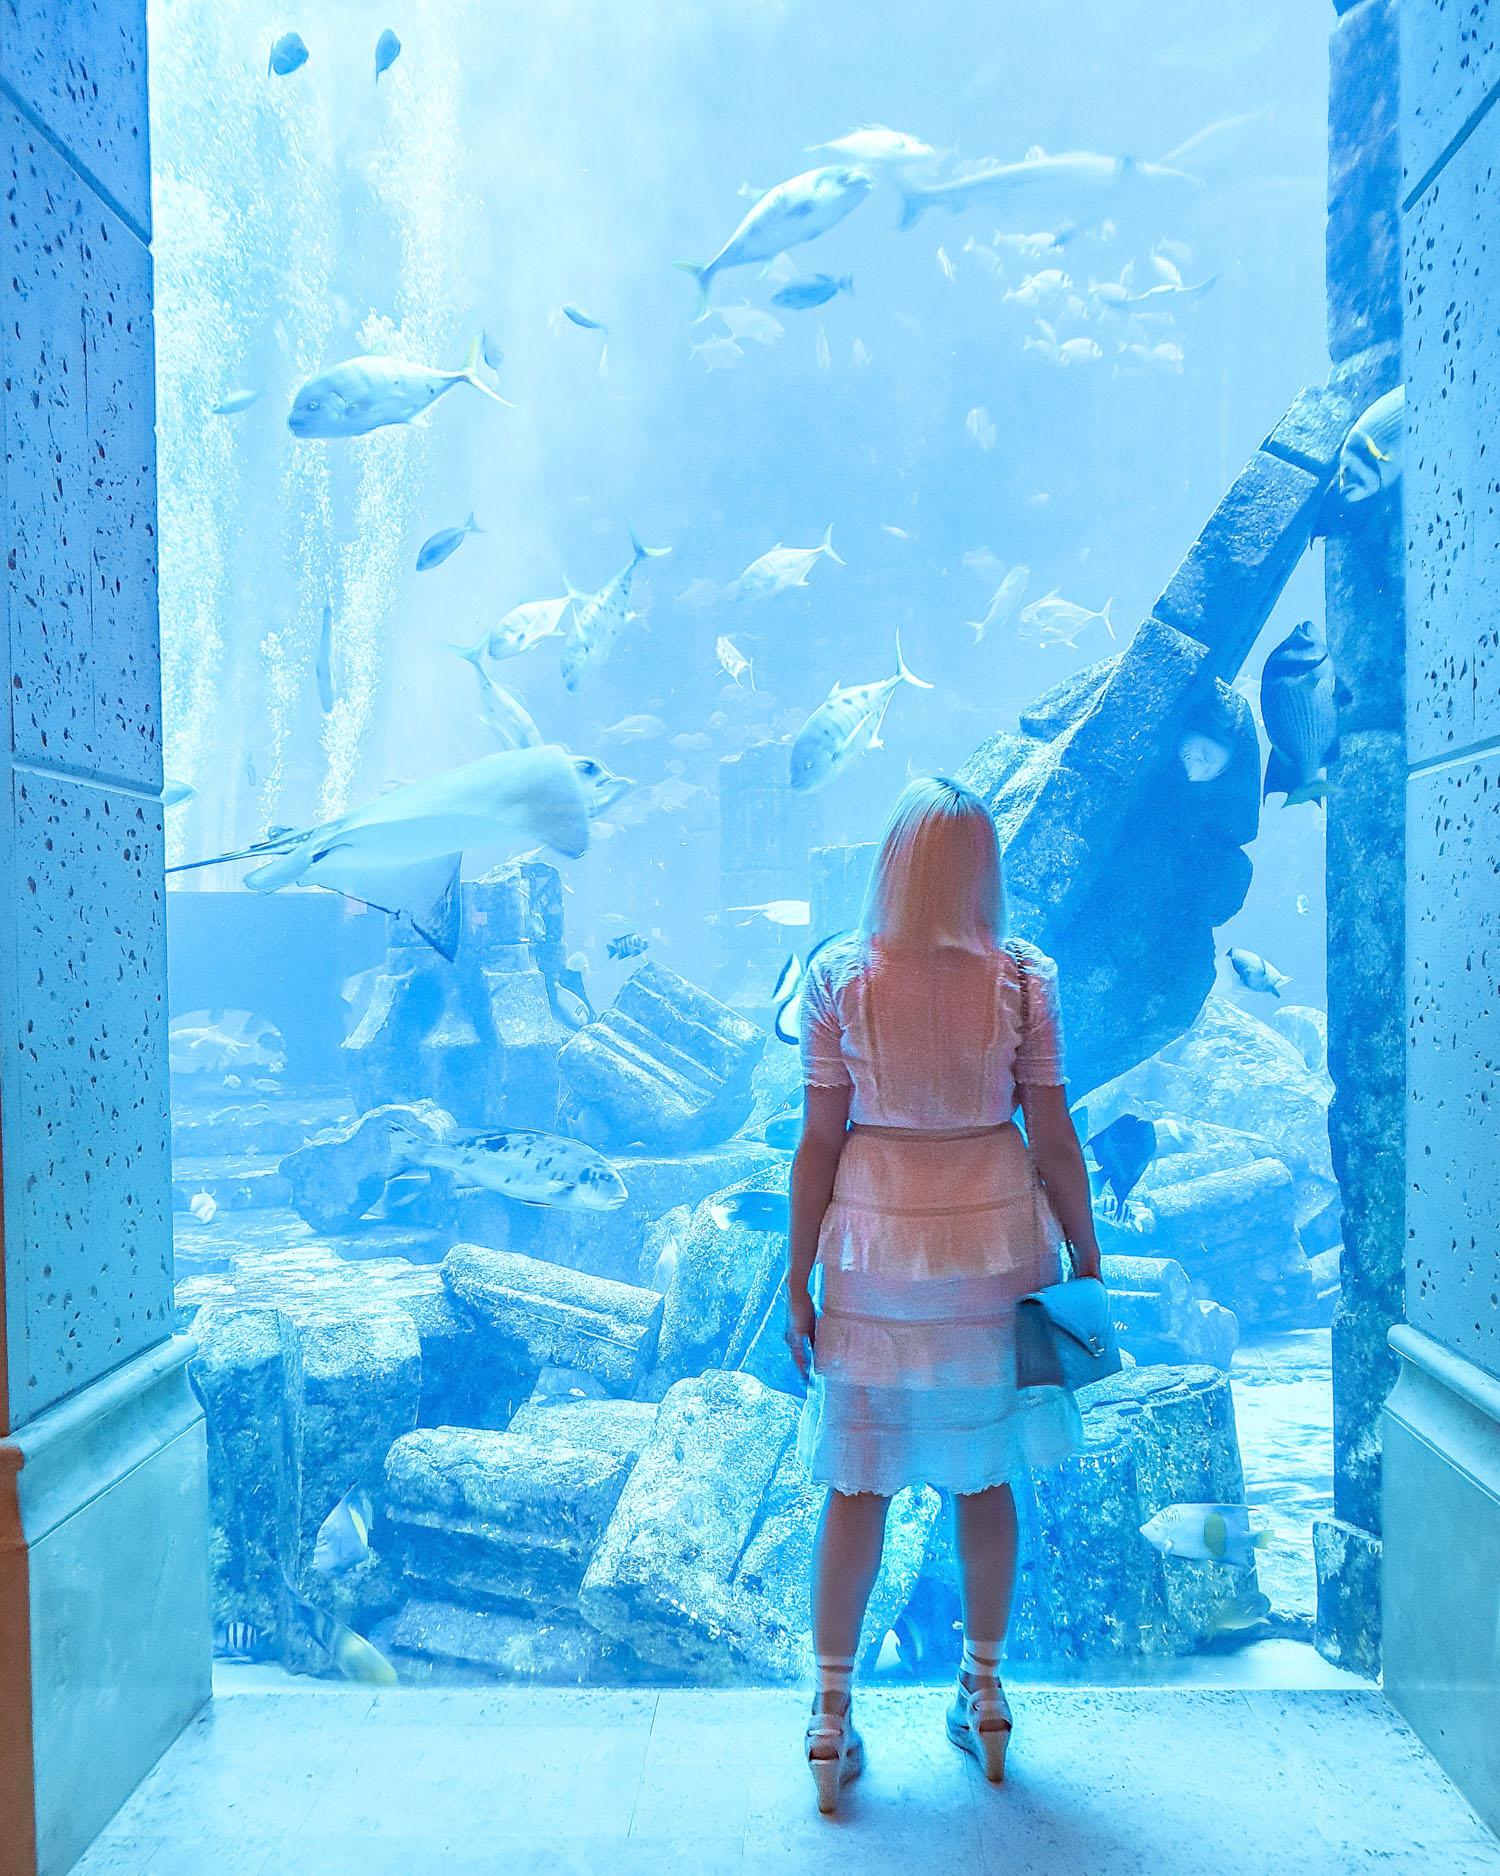 The Atlantis hotel aquarium